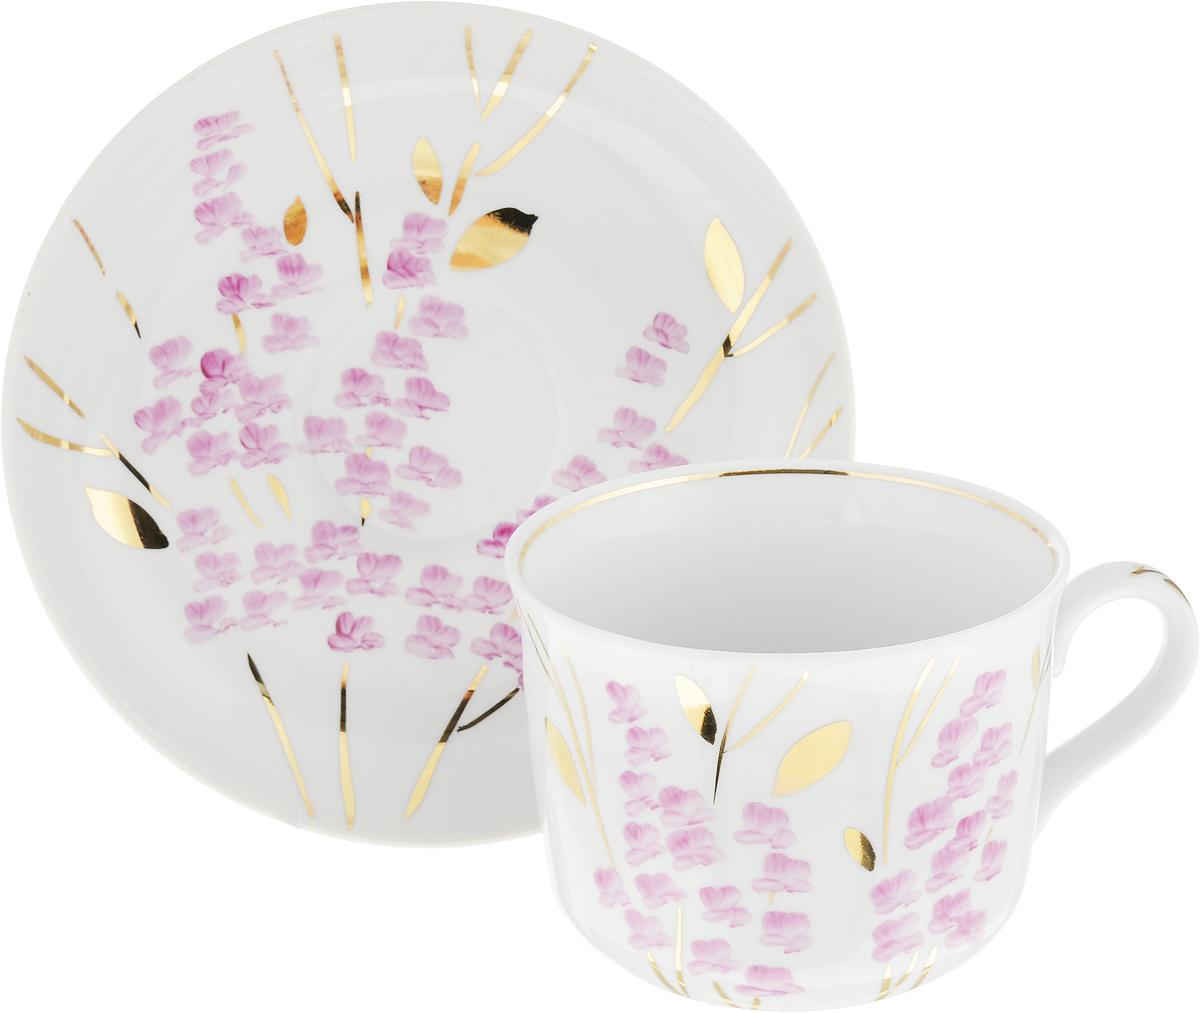 Чайная пара Дулевский Фарфор Ностальгия. Розовая ветка, 2 предмета. 075442075442Чай будет еще вкуснее, если пить его из изящной фарфоровой чашки, чья красота подчеркнута блюдцем в том же стиле. Чайная пара - с нежным цветочным рисунком на белом фоне - должна отличаться не только привлекательным внешним видом, но и практичностью. Вы можете пользоваться ею дома или на работе, позволяя себе немного расслабиться и освежить мысли.Дулевский фарфоровый завод - одно из самых крупных российских предприятий по производству русского фарфора, акцент в котором делается на самобытной русской росписи, народном творчестве, национальные особенности и традиции, в результате чего родился неповторимый дулевский стиль. Фарфор отличается благородной простотой, добротностью и высоким качеством.Украсьте вашу кухню чашкой с блюдцем от Дулевского фарфорового завода! И ваше рядовое чаепитие, либо обыкновенный обед превратятся в приятную церемонию, которую захочется повторить снова и снова.